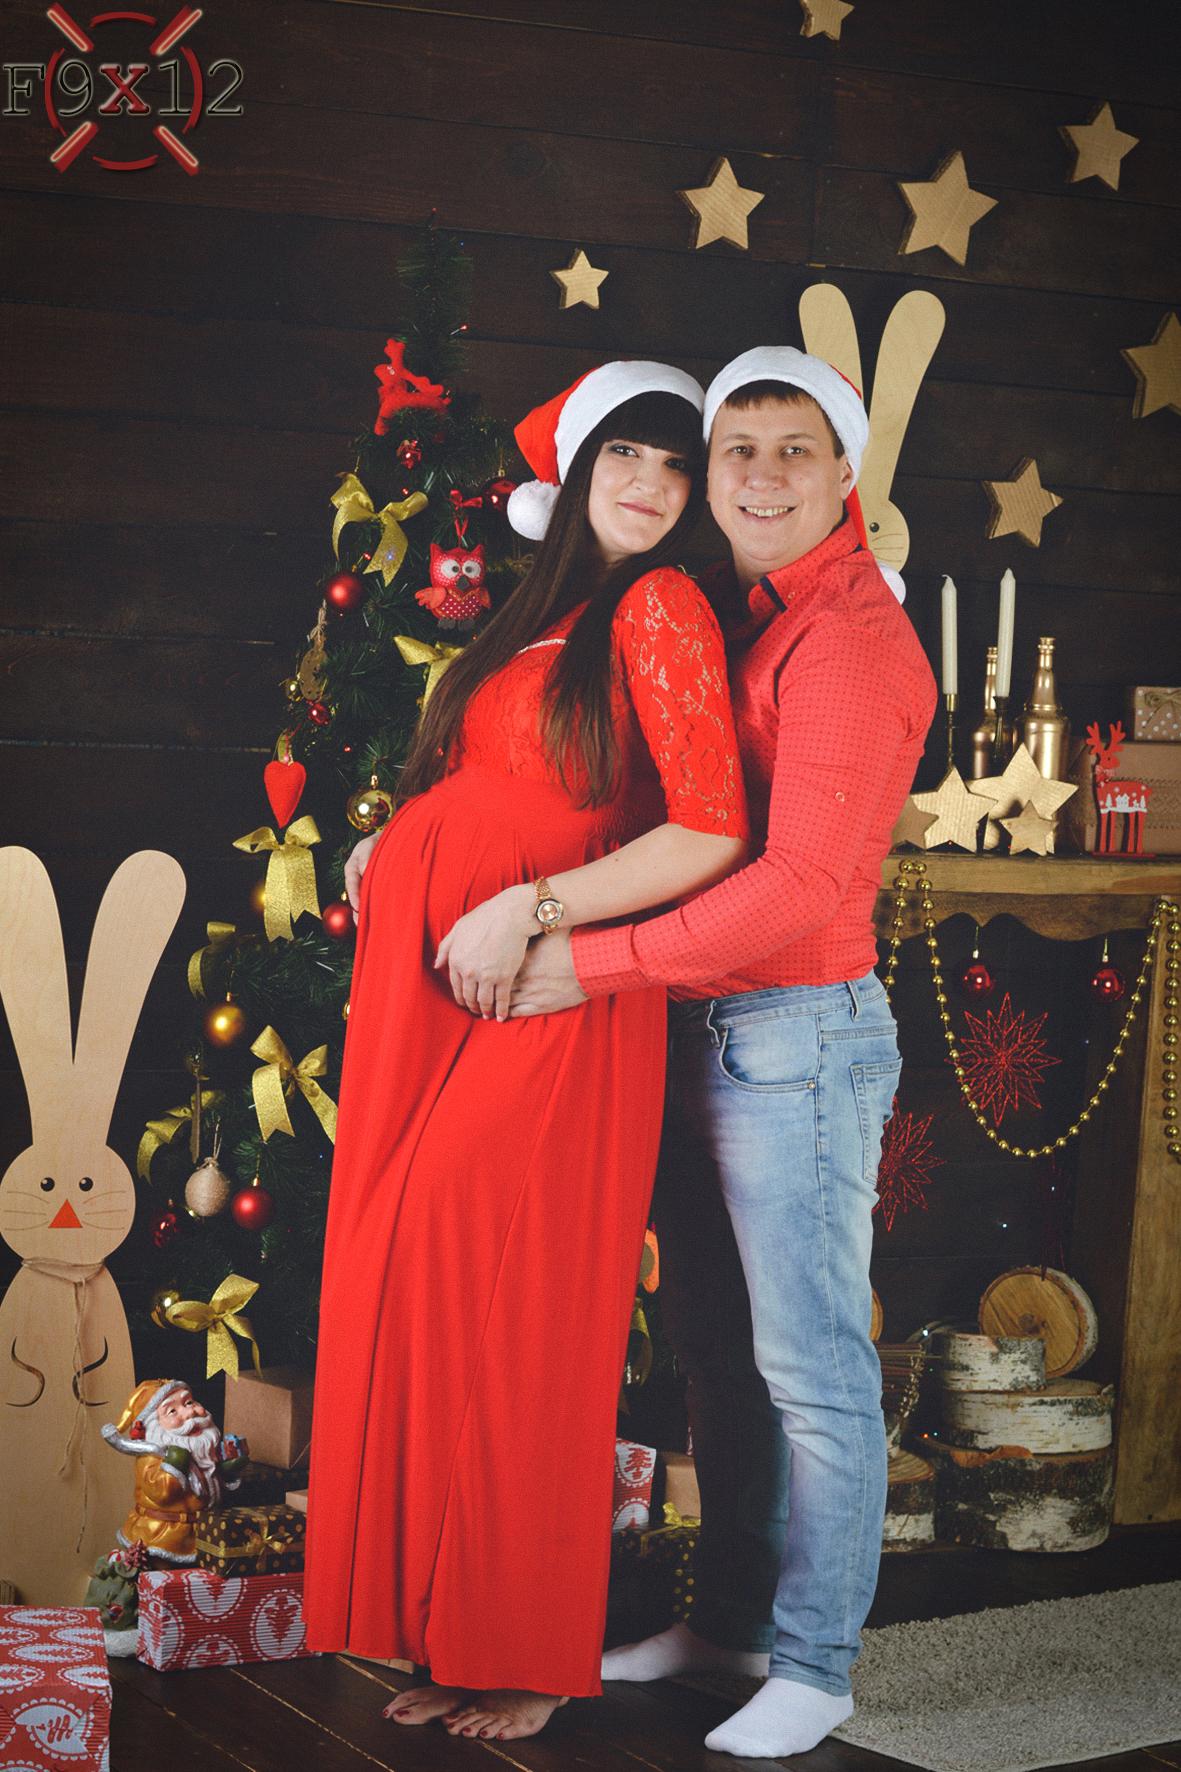 Фото беременных. Фотосъёмка лав стори. Фото в студии г. Иваново.